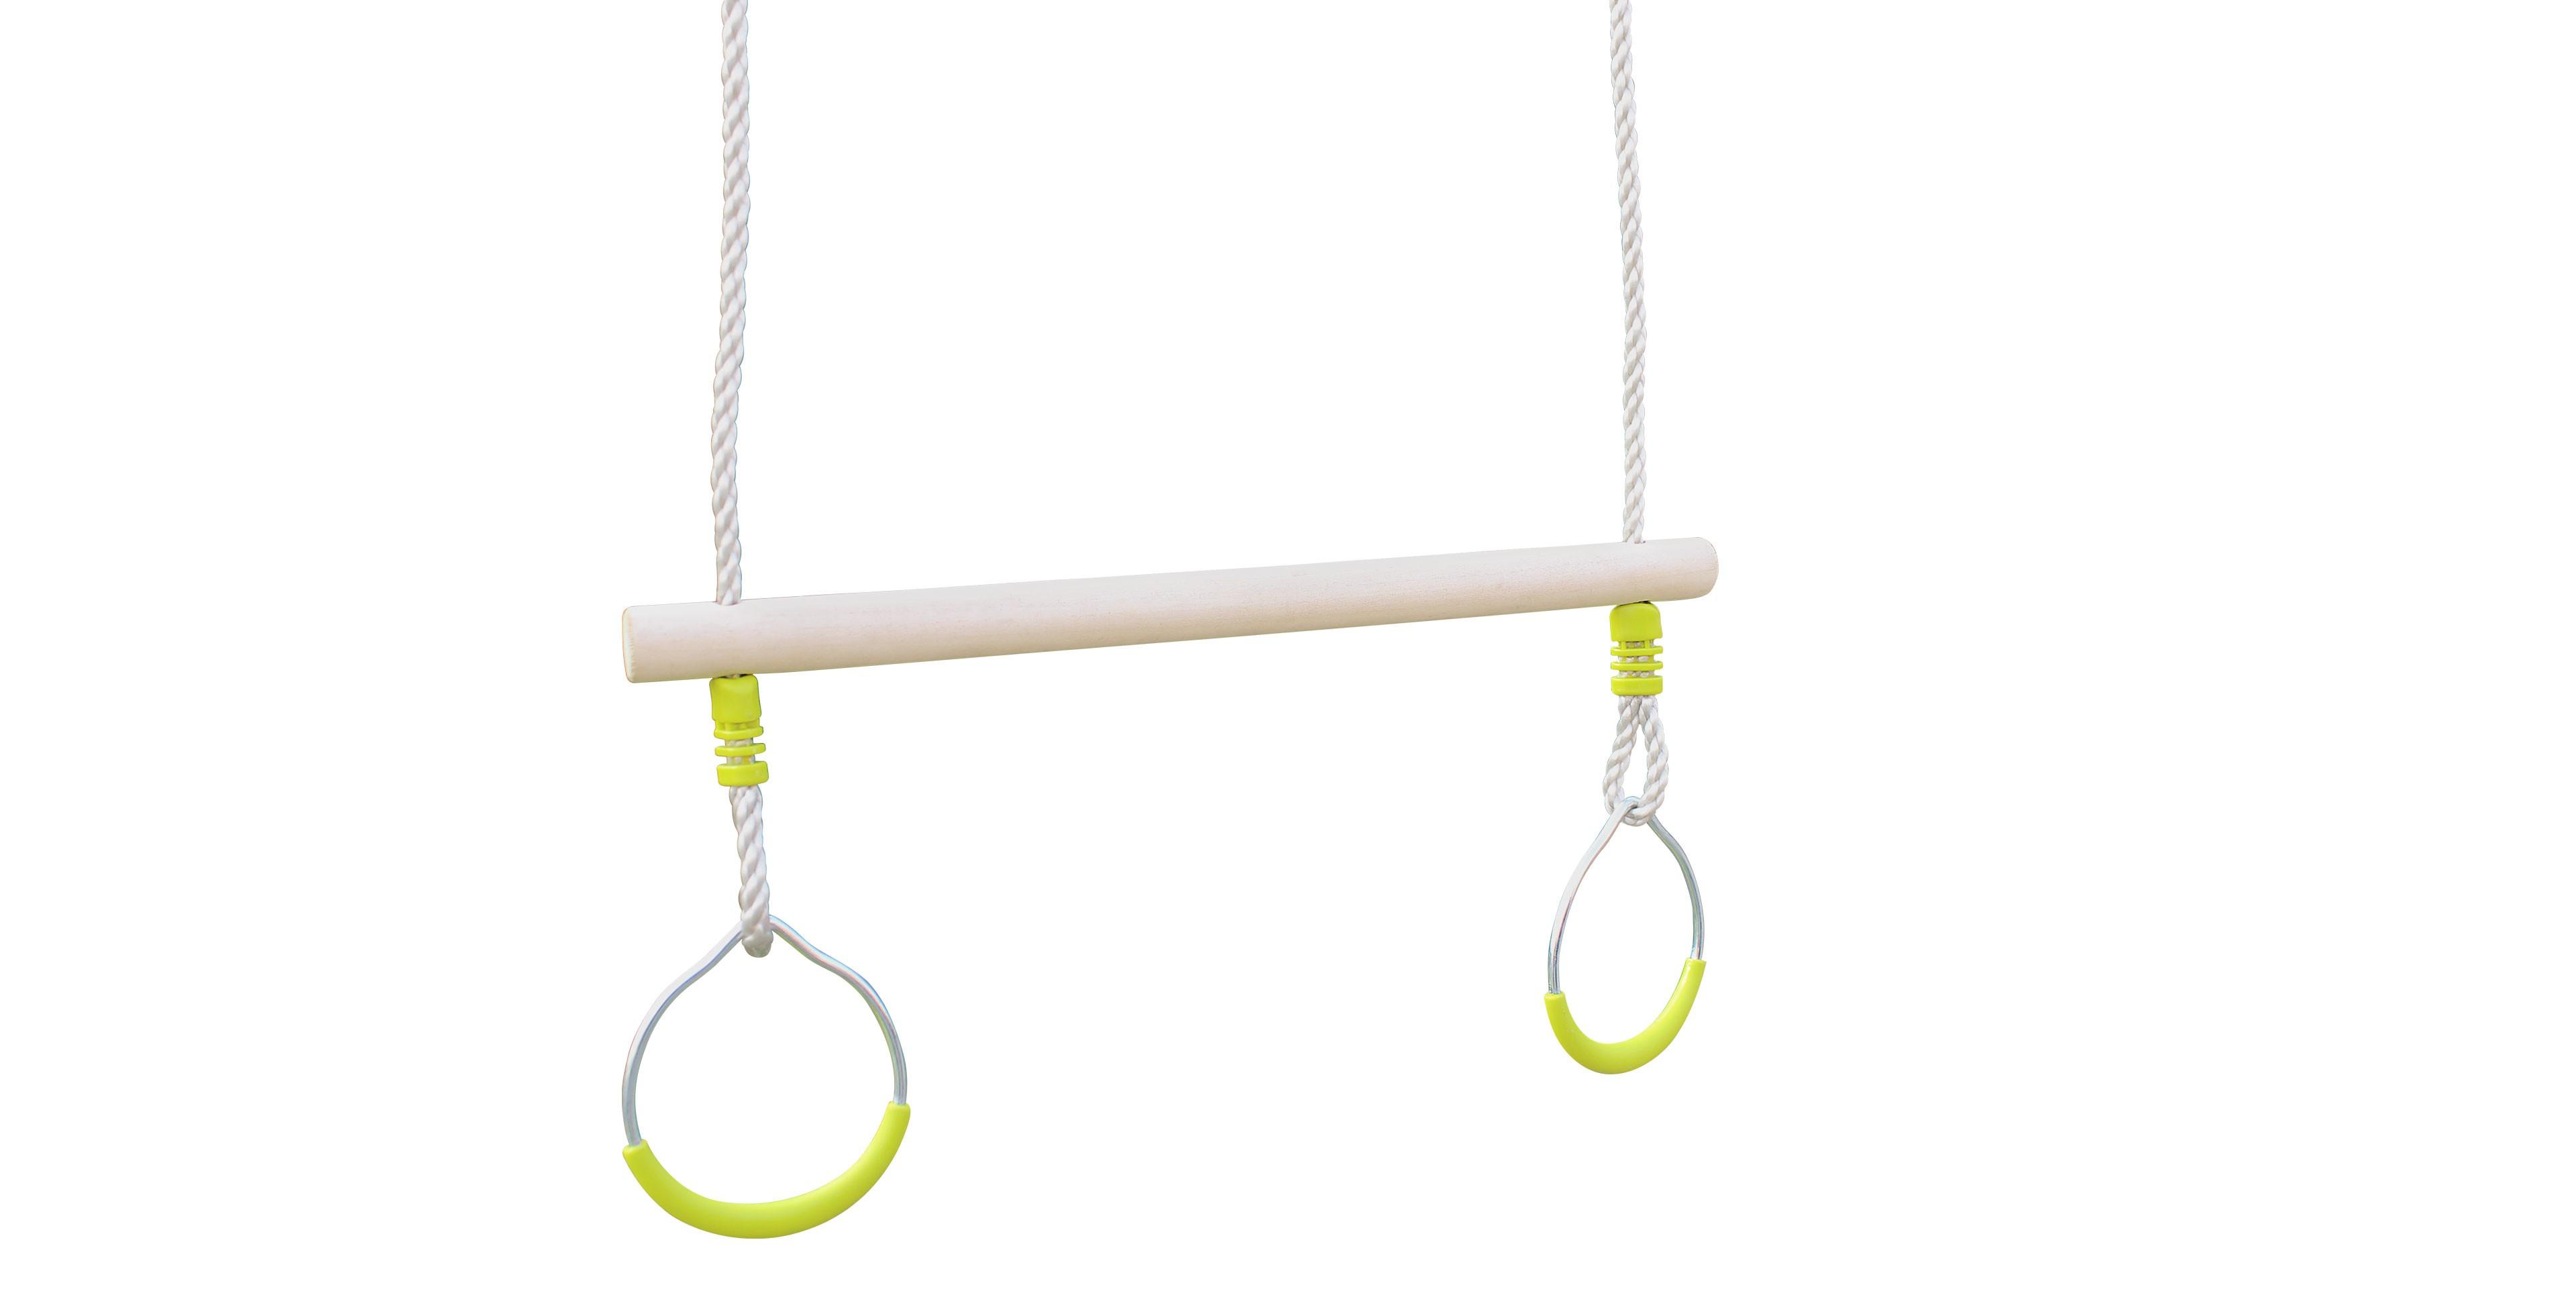 Trap ze pour portique adulte cirque et balancoire for Portique bois pas cher